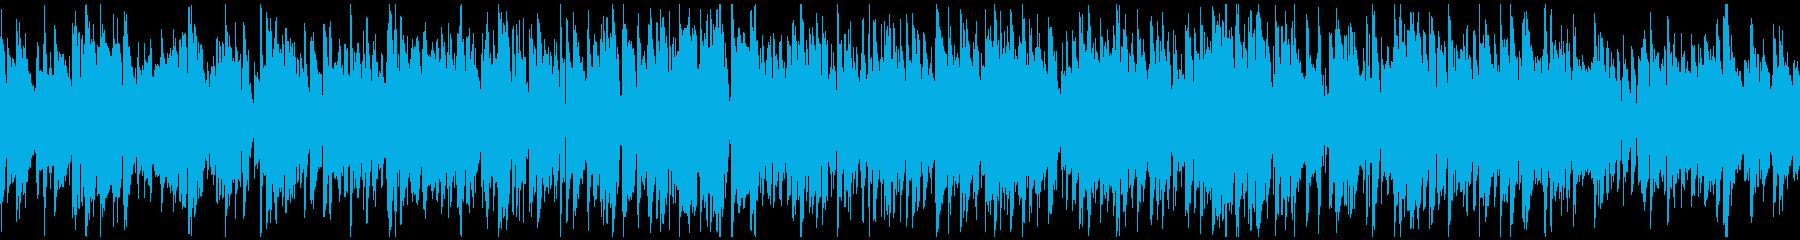 軽快な足取りのライトなジャズ ※ループ版の再生済みの波形